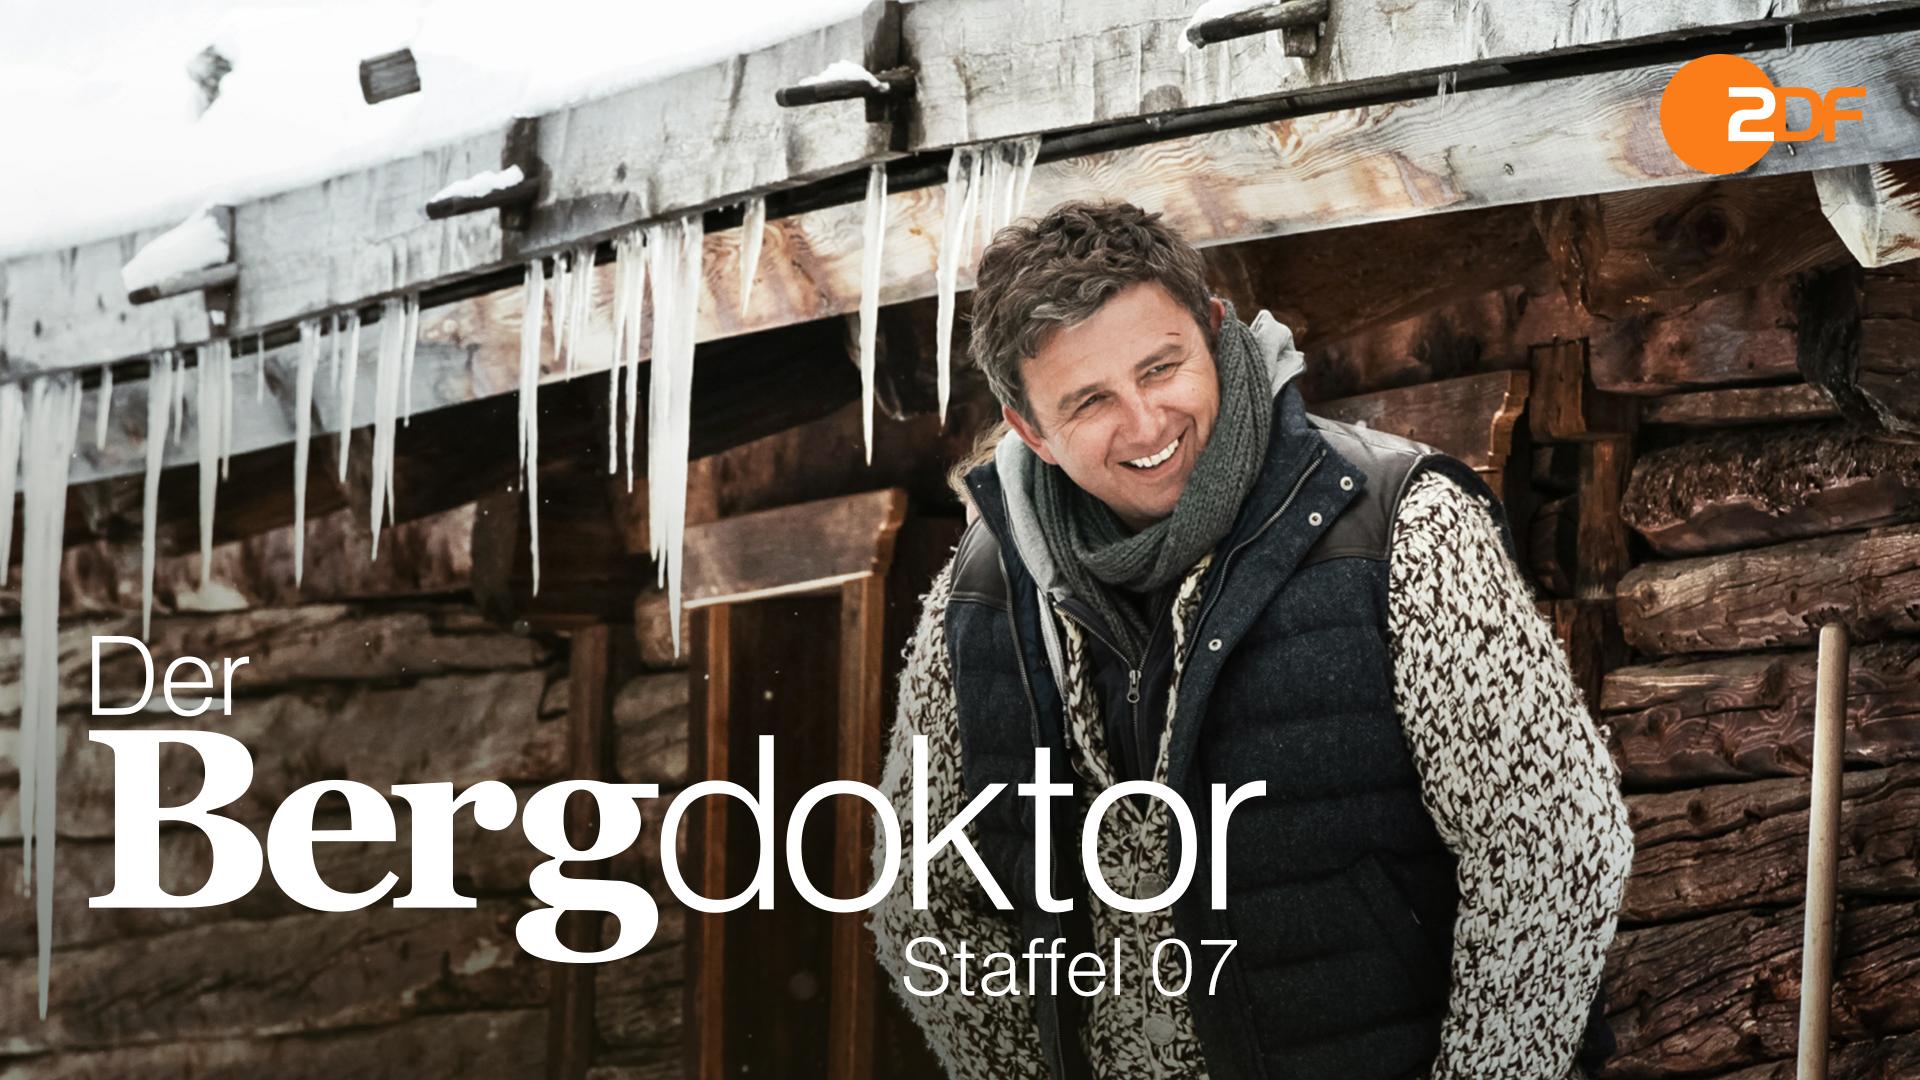 Der Bergdoktor S07e01a Alte Heimat Neue Heimat Teil 1 Fernsehserien De